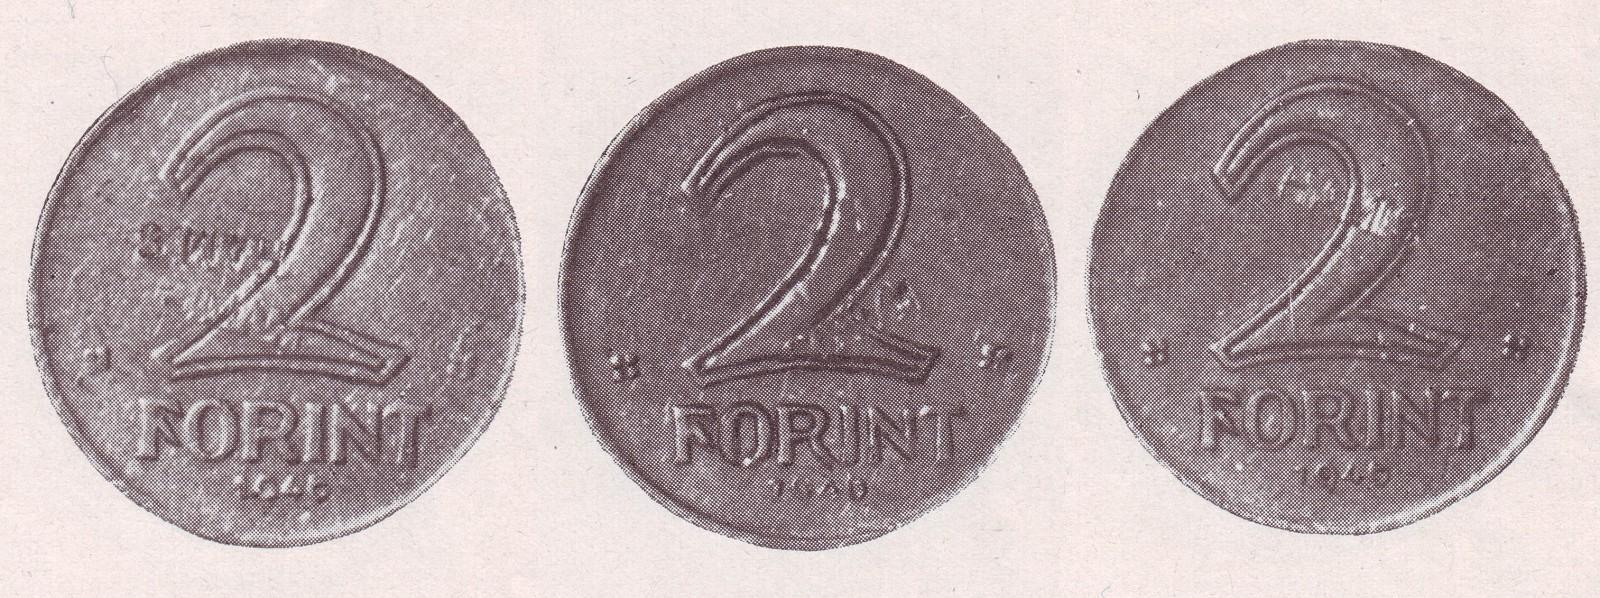 http://www.forintportal.hu/hirek/1946-os-2-forint-eredeti-es-az-artex-utanveret/1946-os-2-forint-eredeti-es-az-artex-utanveret_bp-rendfk-penzhamisitasi-osztaly-1949_nagy2.jpg